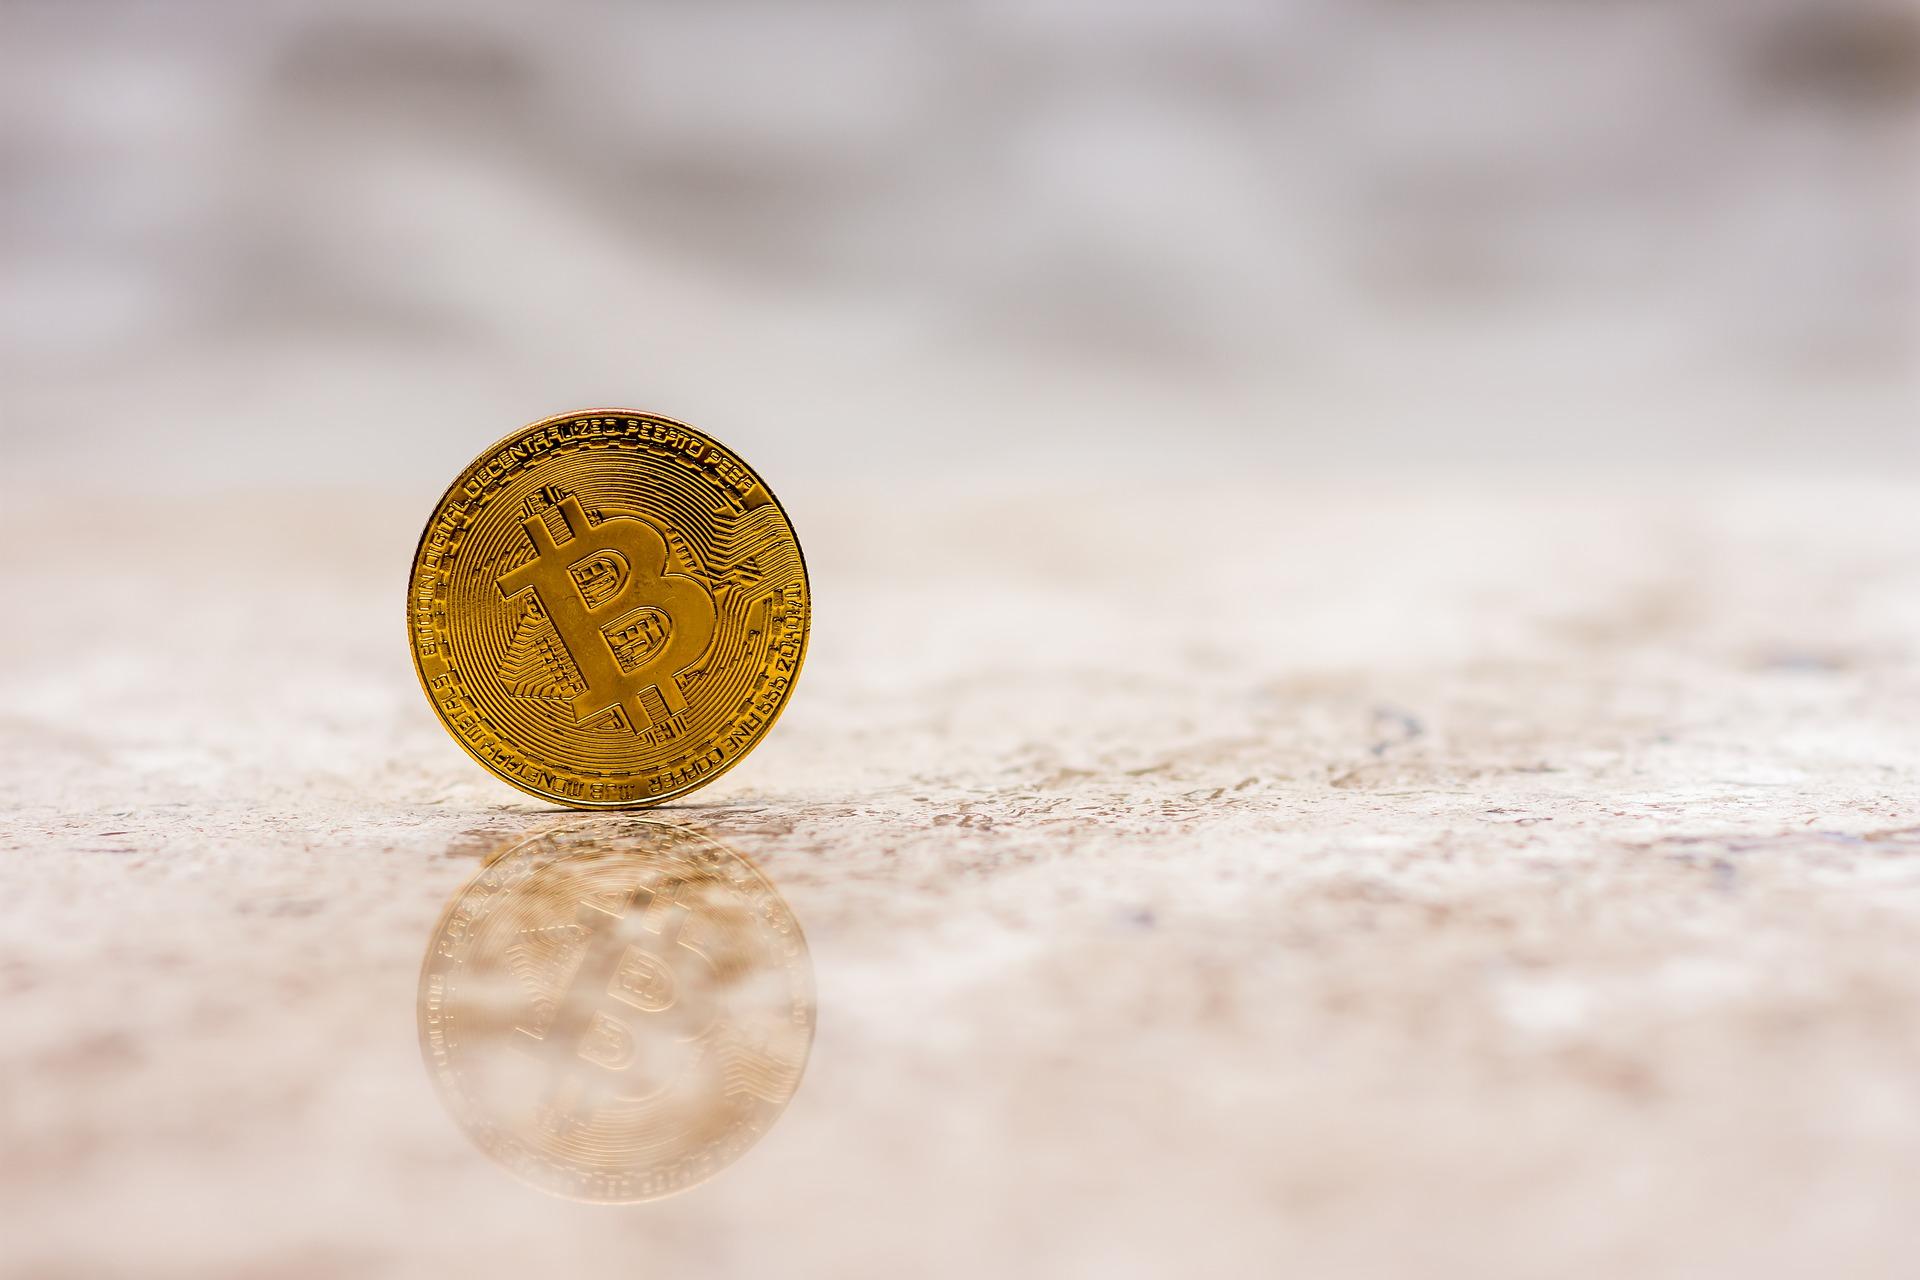 bitcoin-3319215_1920.jpg